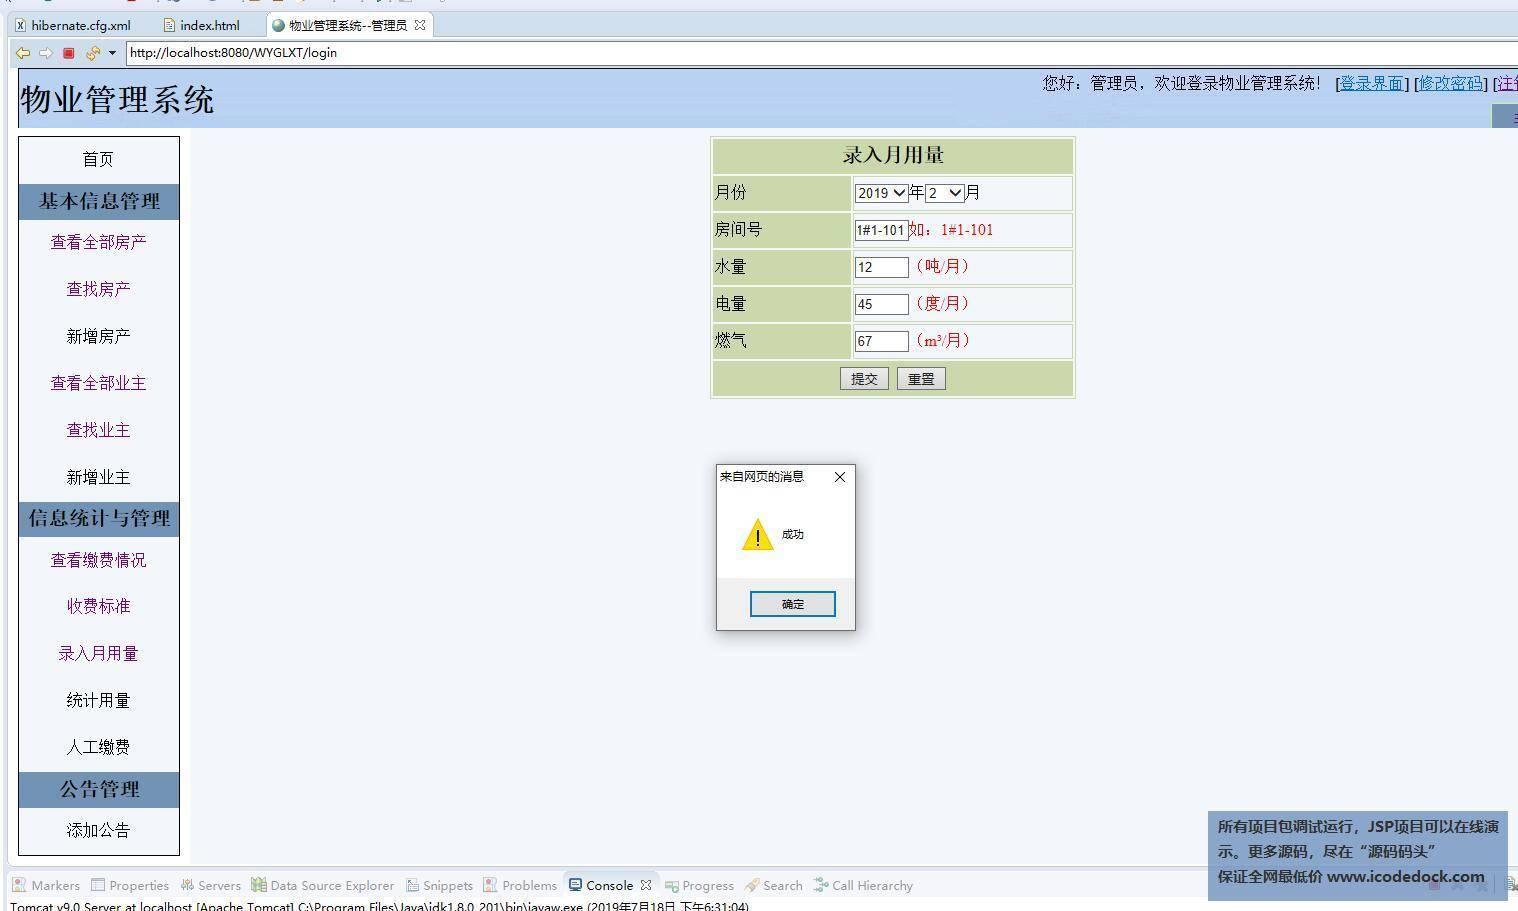 源码码头-SSH小区物业管理系统-管理员角色-用量录入